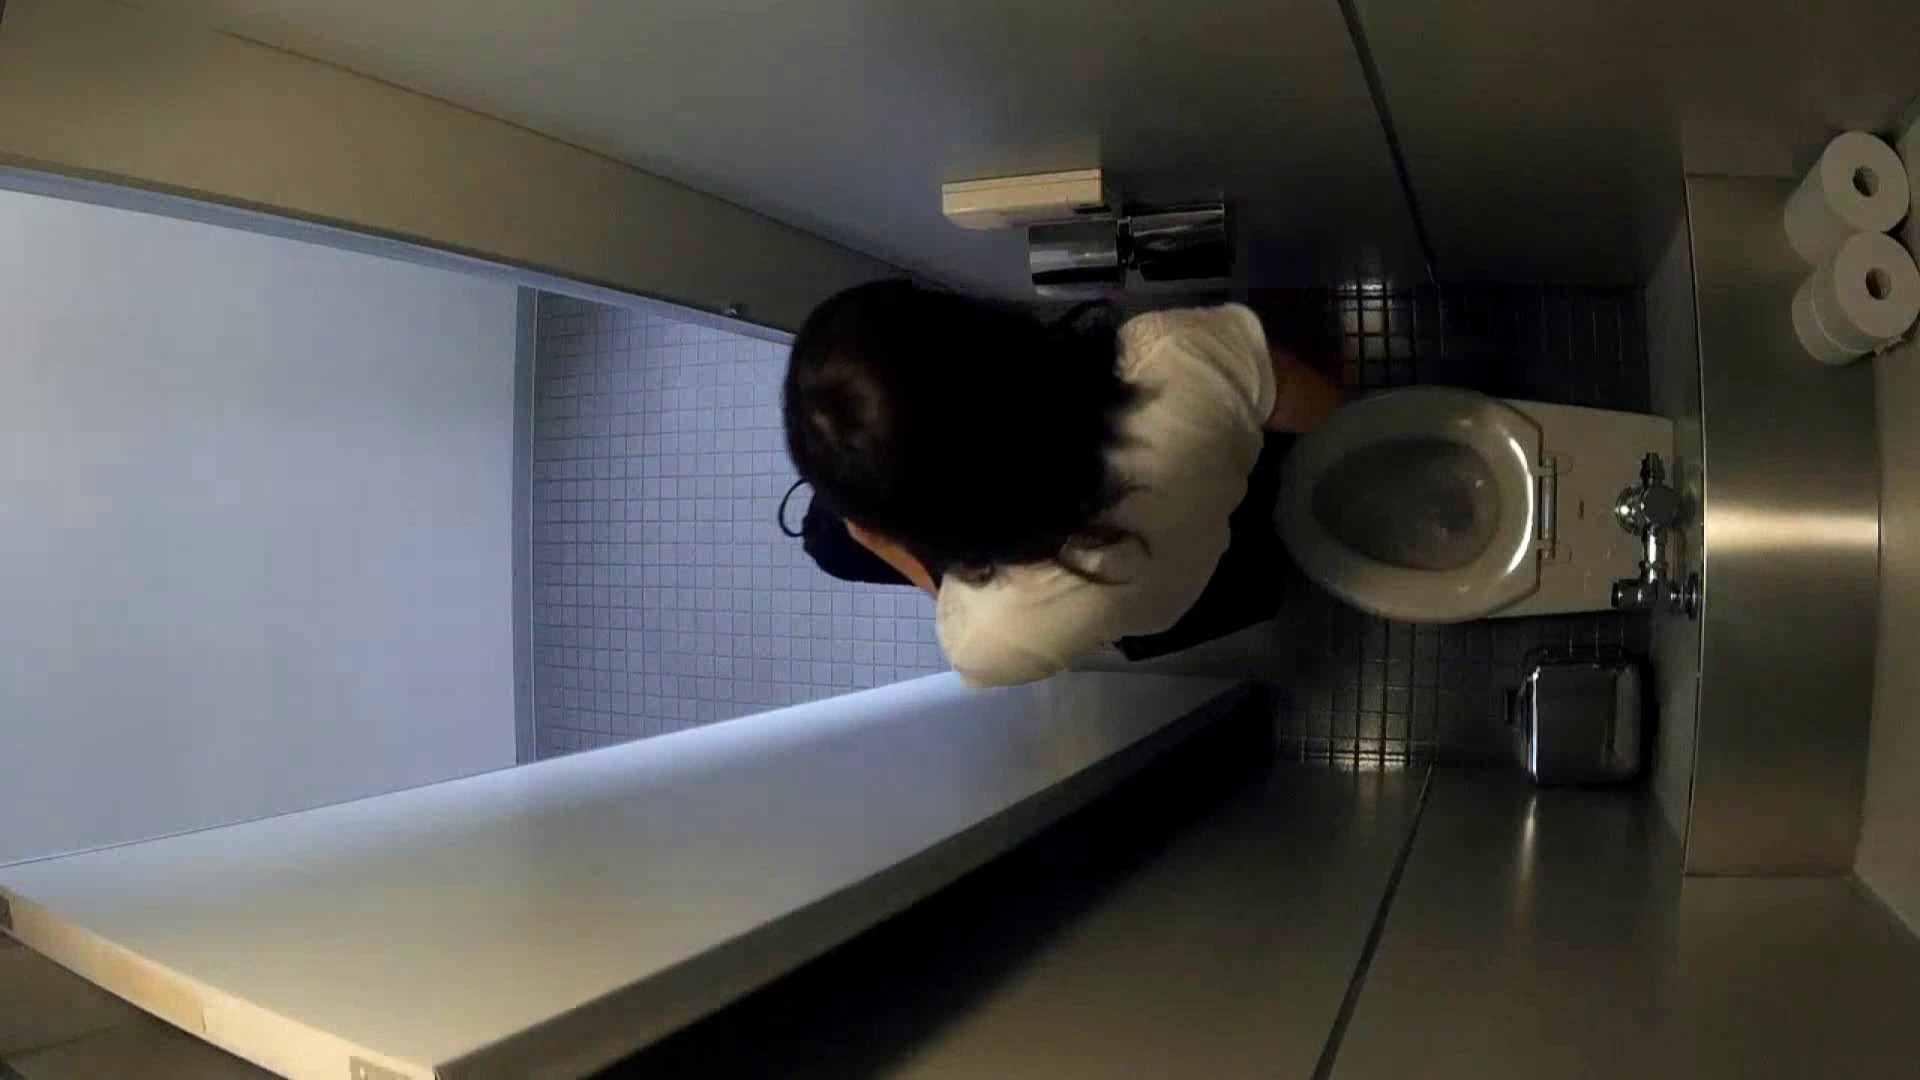 有名大学女性洗面所 vol.45 冴え渡る多方向撮影!職人技です。 OL  86連発 11